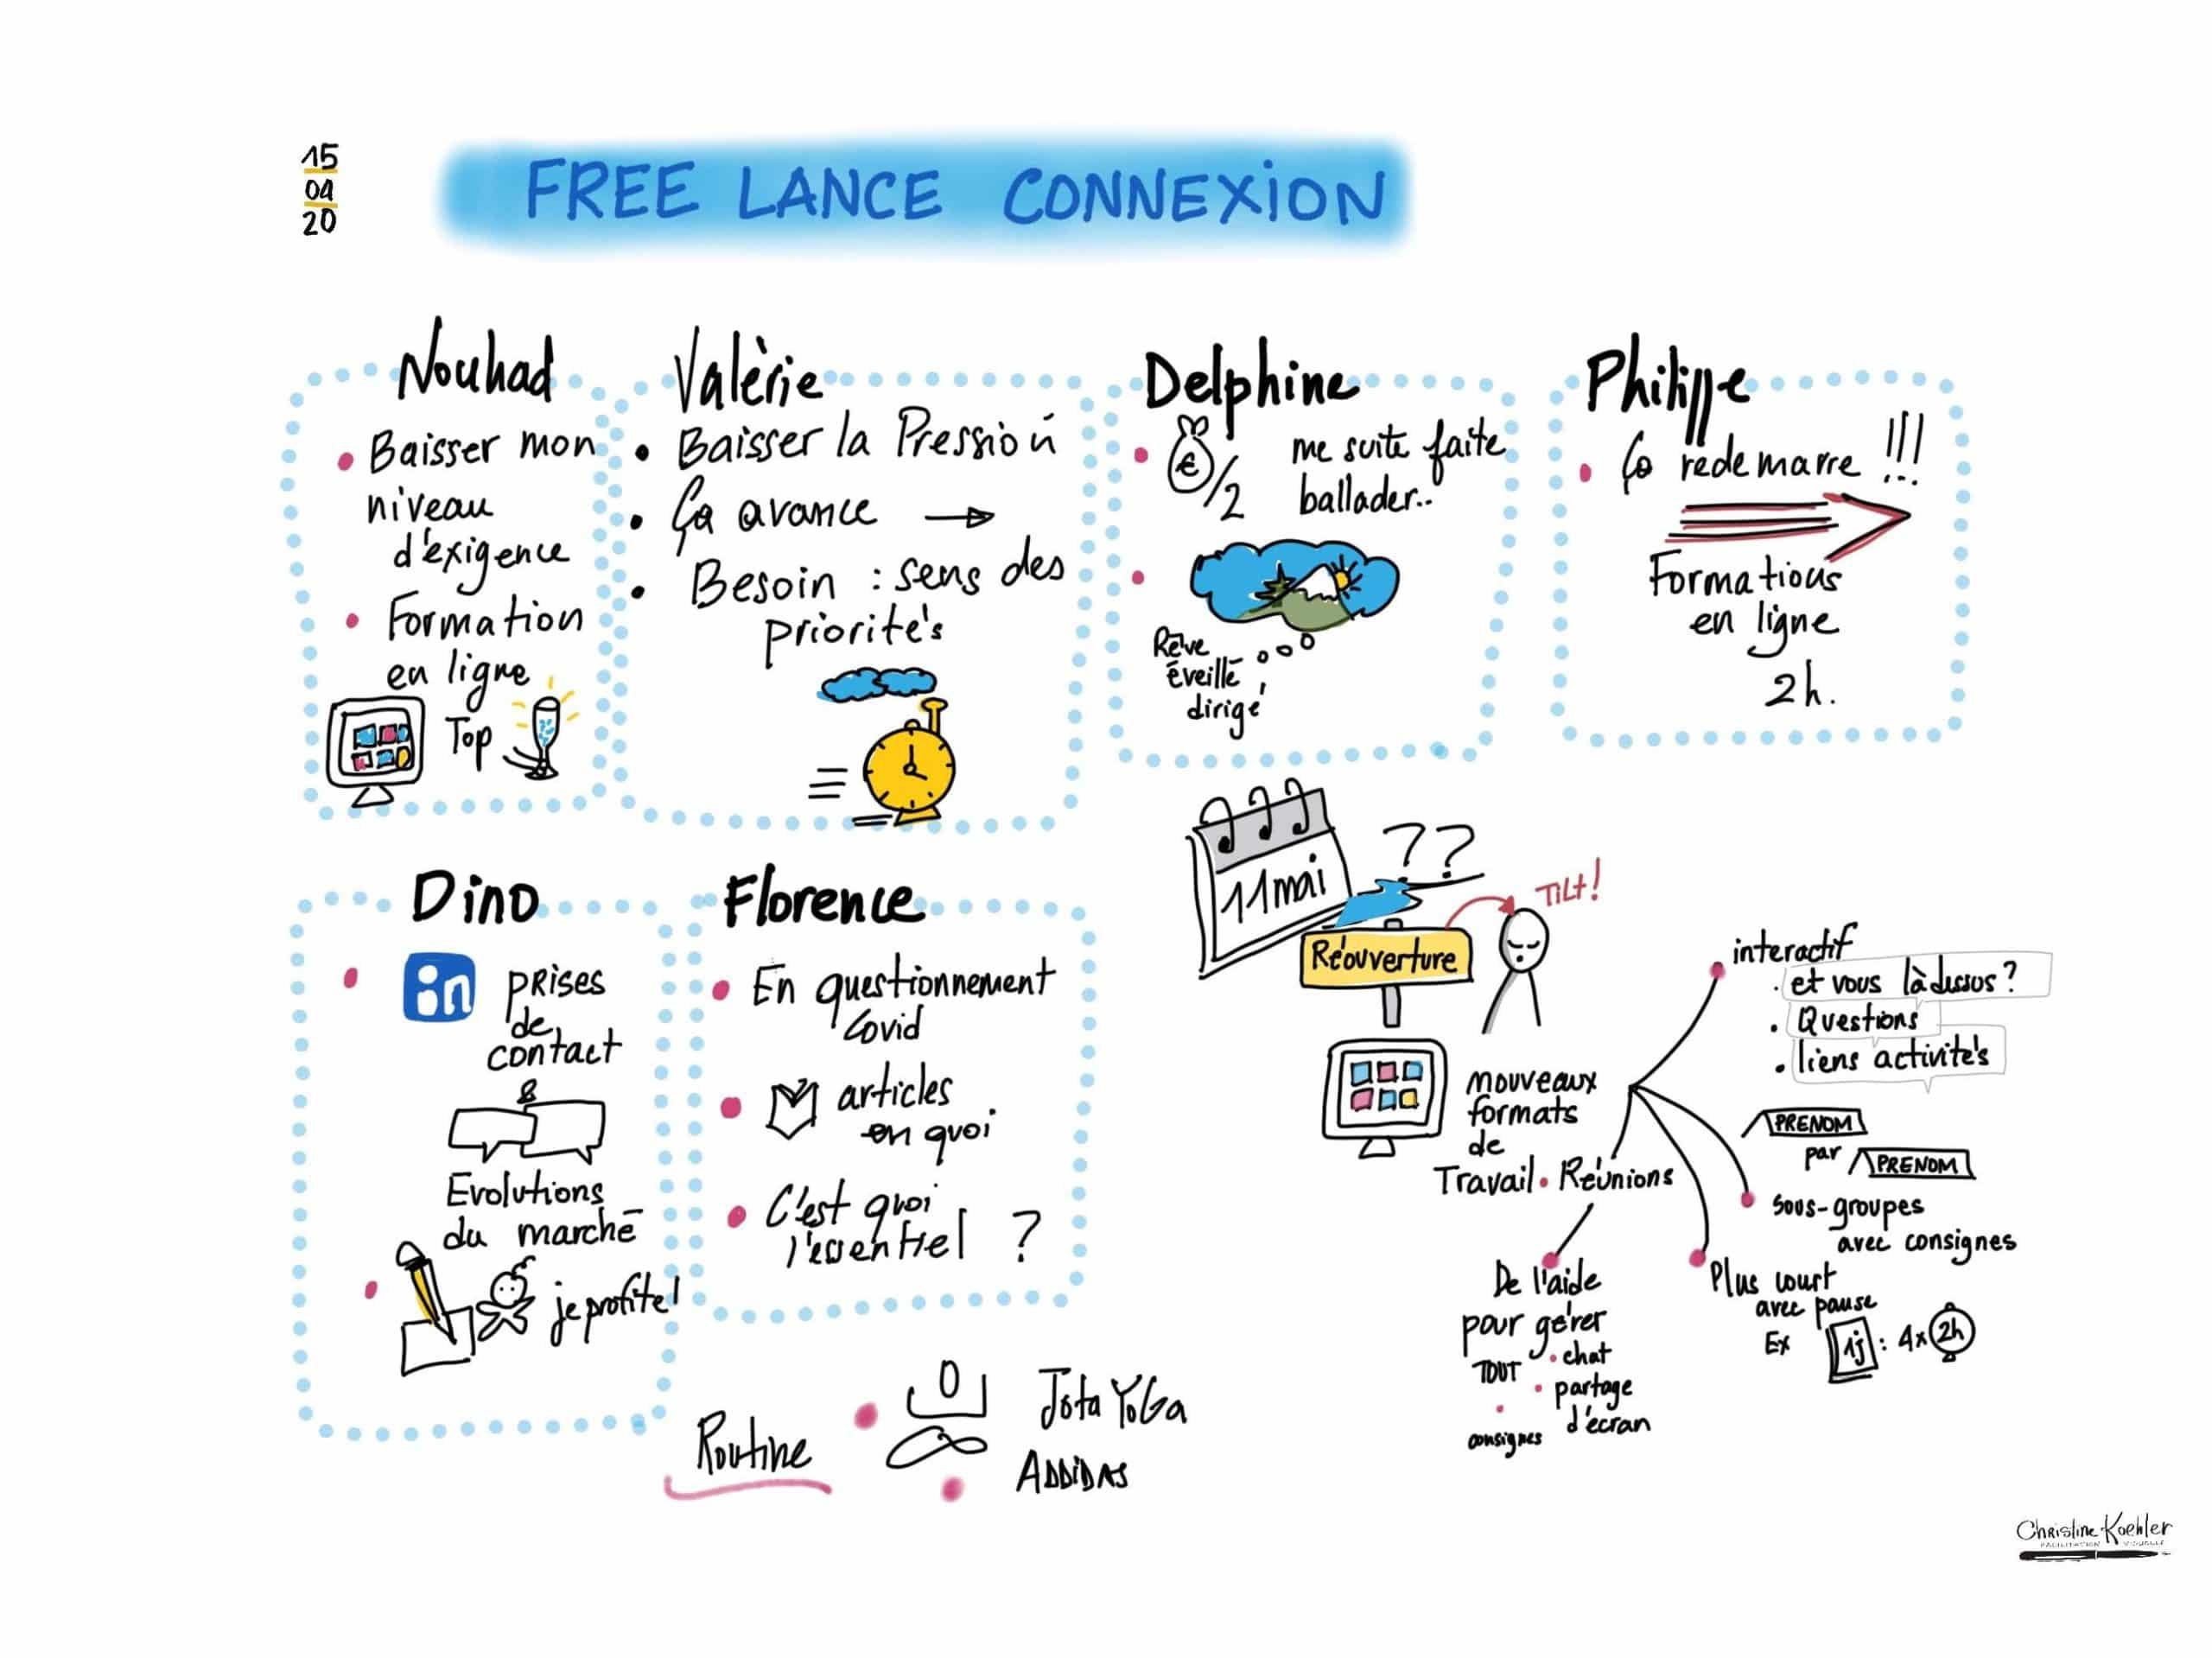 free lance connexion facilitation graphique